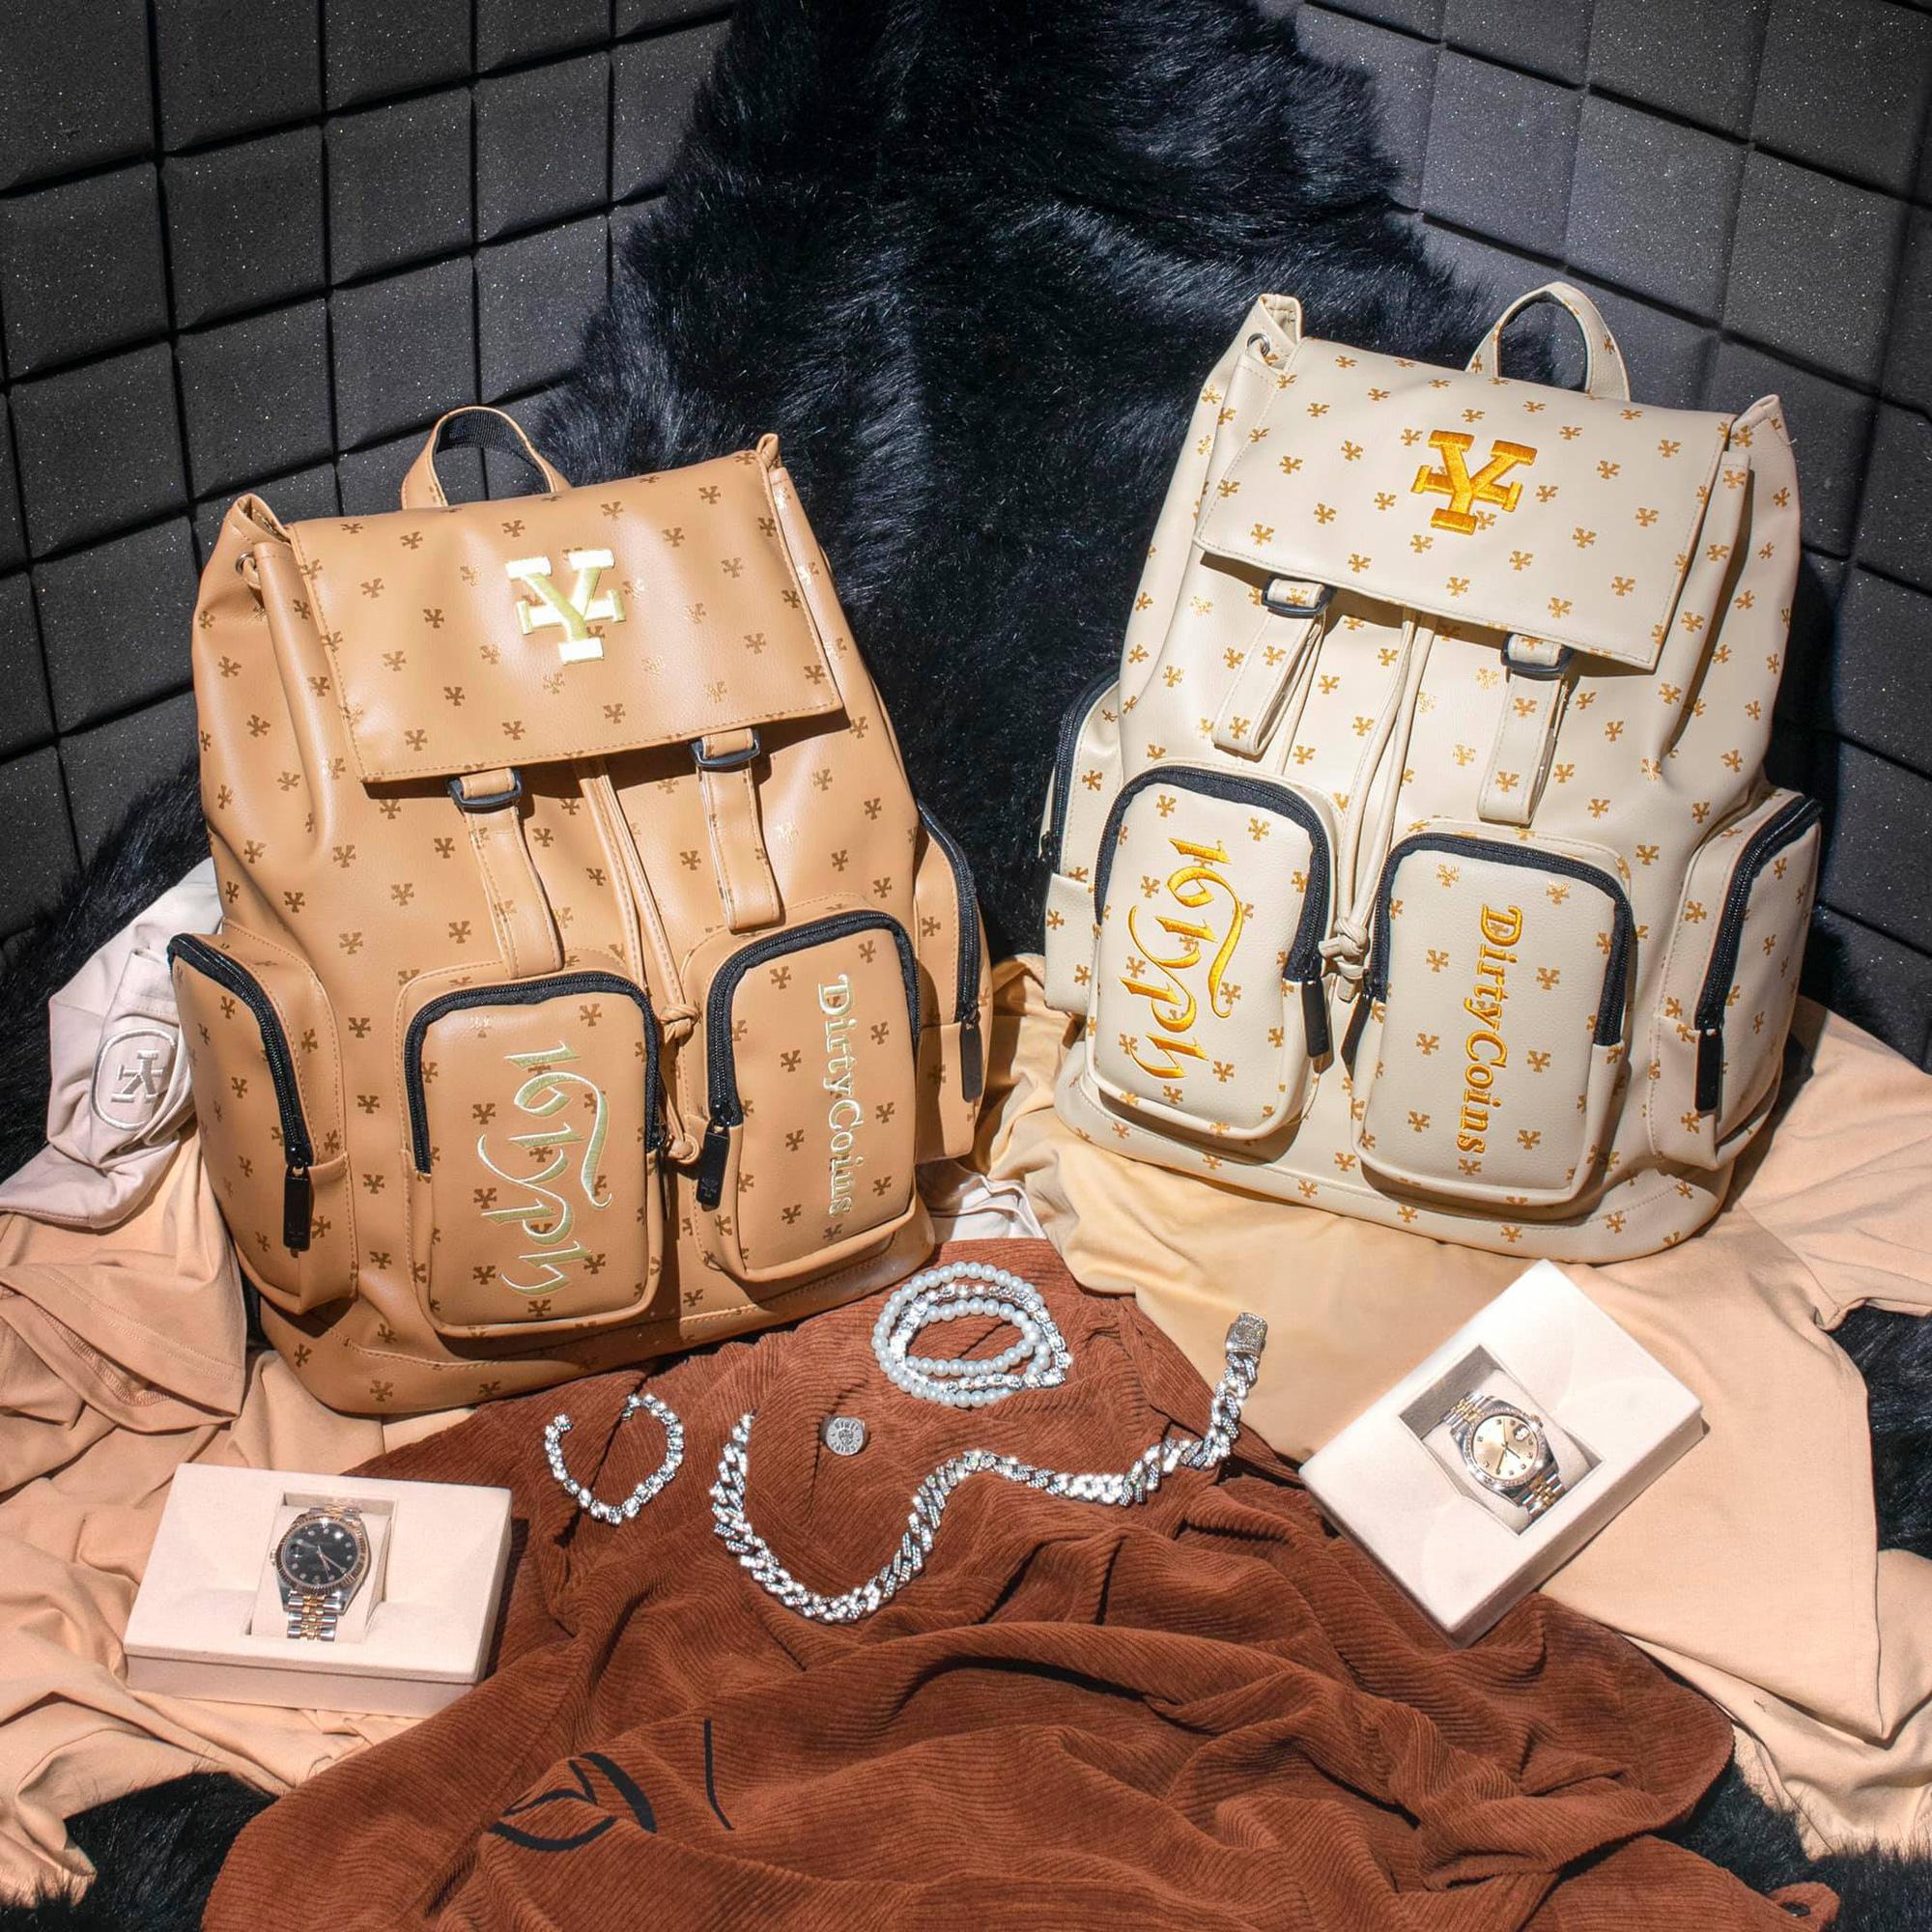 Cảm hứng về thời trang đậm chất hip-hop trong collection kết hợp giữa 16 Typh và DirtyCoins - Ảnh 8.